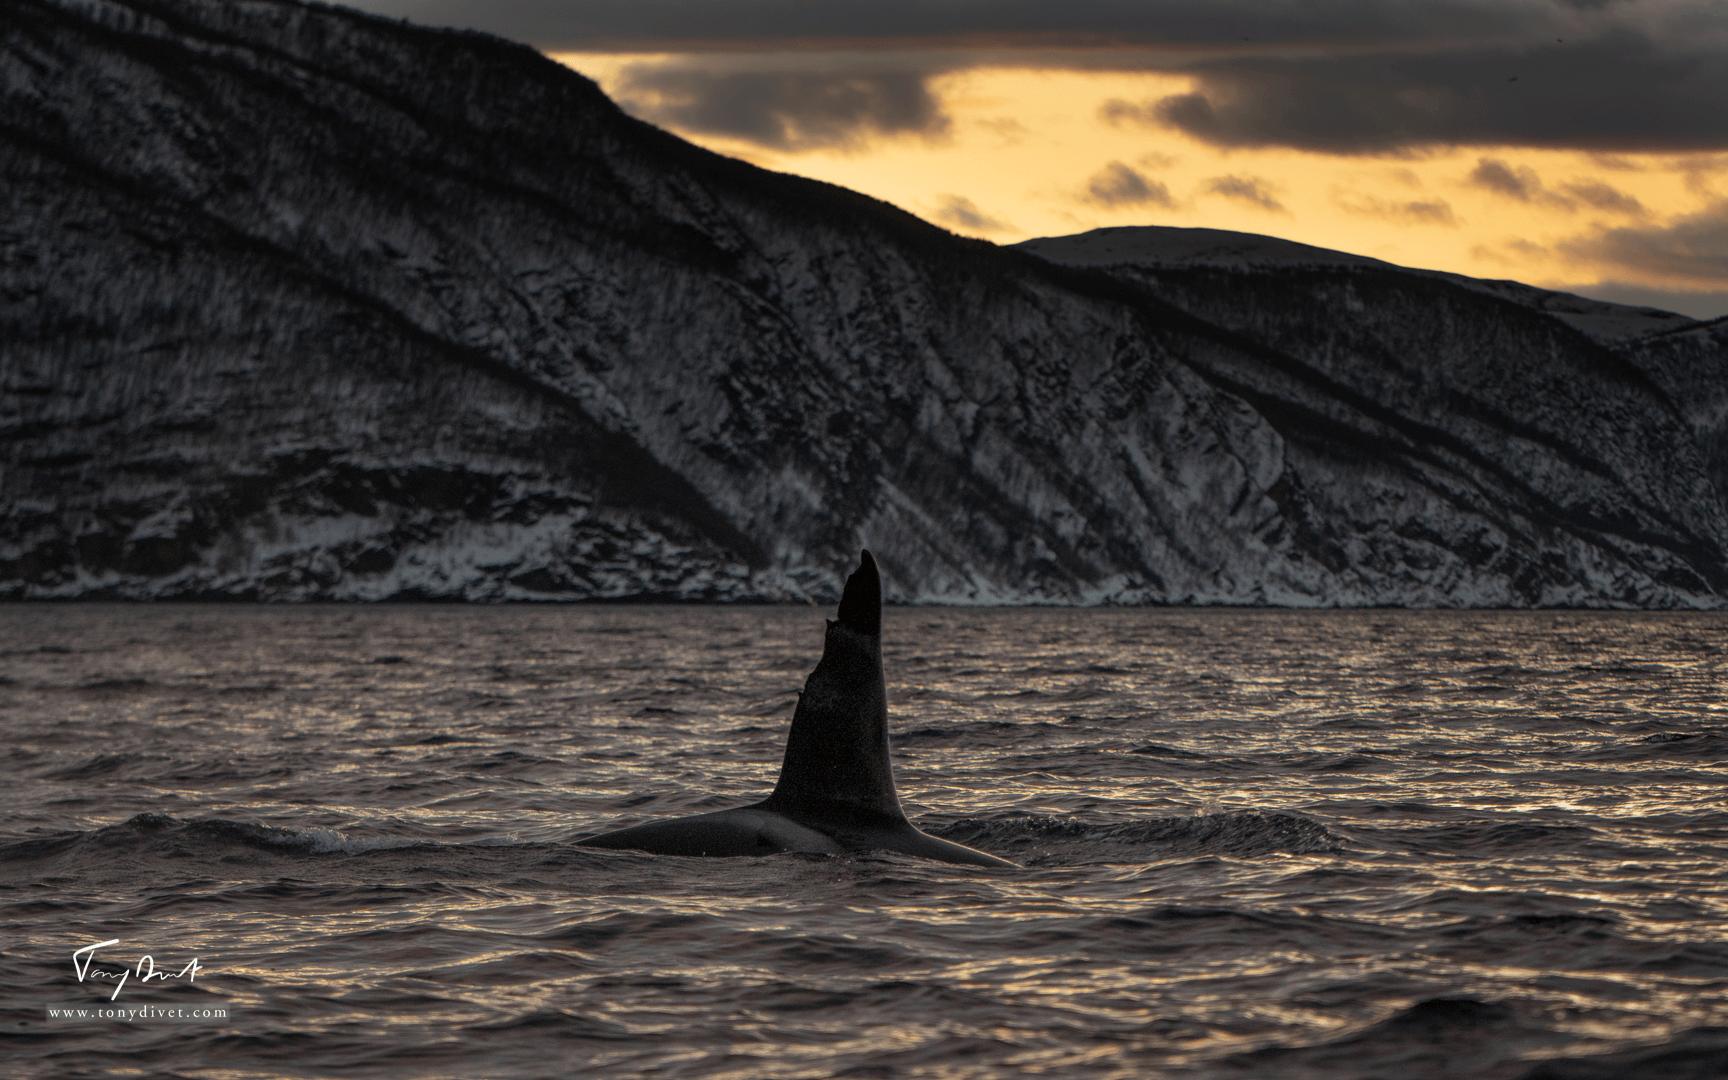 Orca-0898